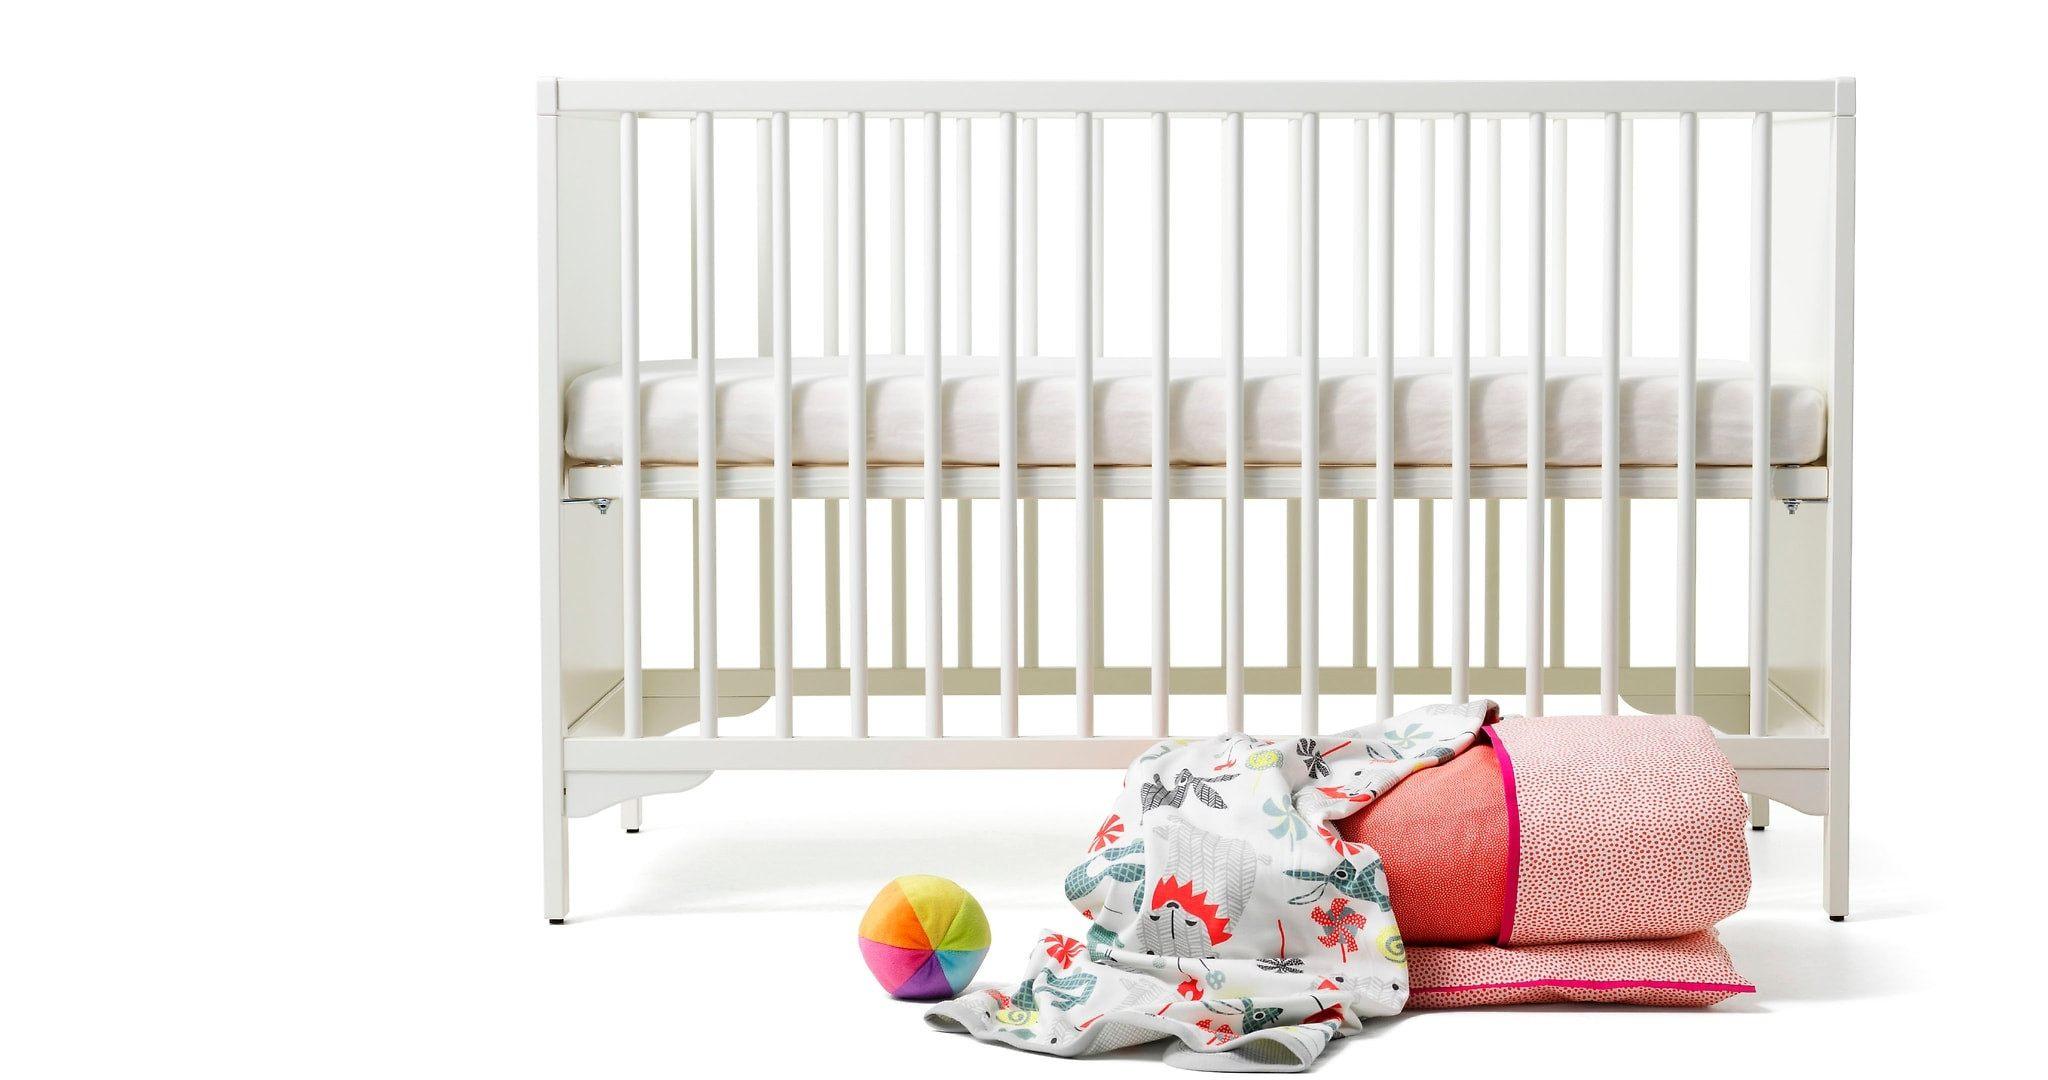 Lit Superposé Bébé Belle Chaise Table Bébé Cuisine Pour Bebe Lovely Lit Ikea Bebe 12 Superpos